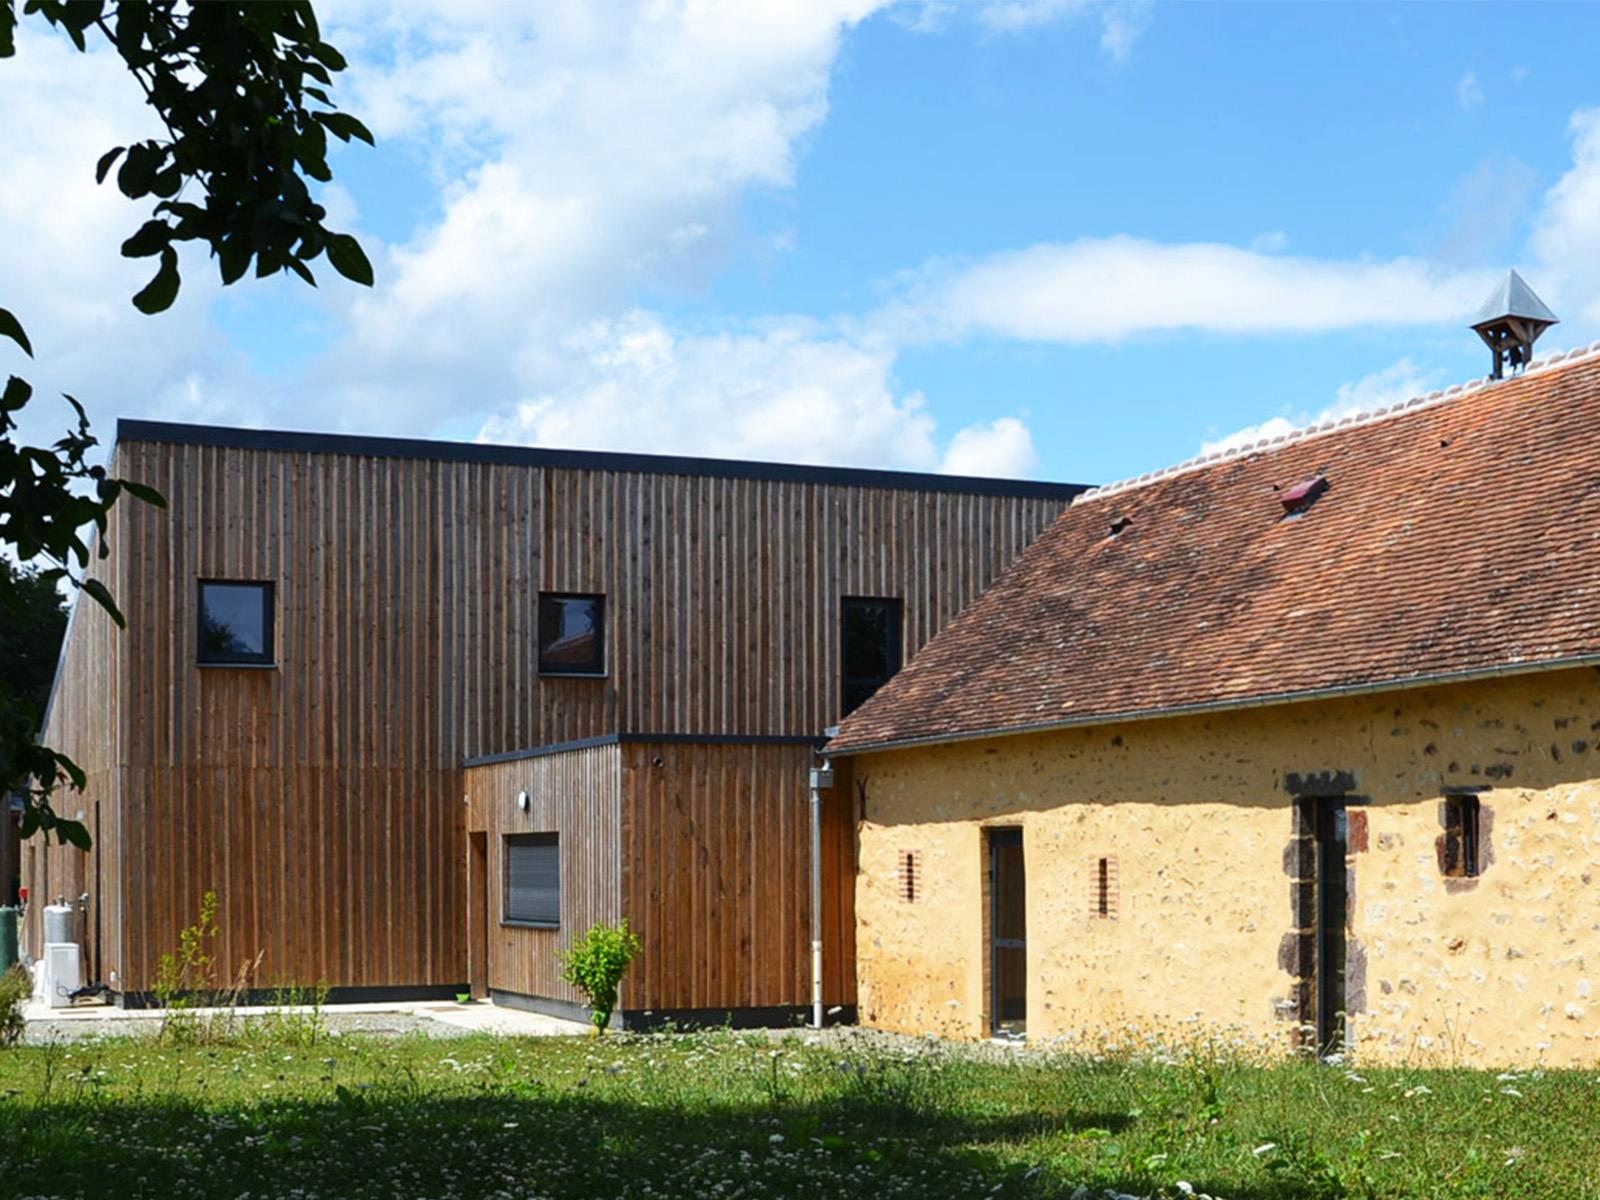 delices-de-la-ferme-architectes-72